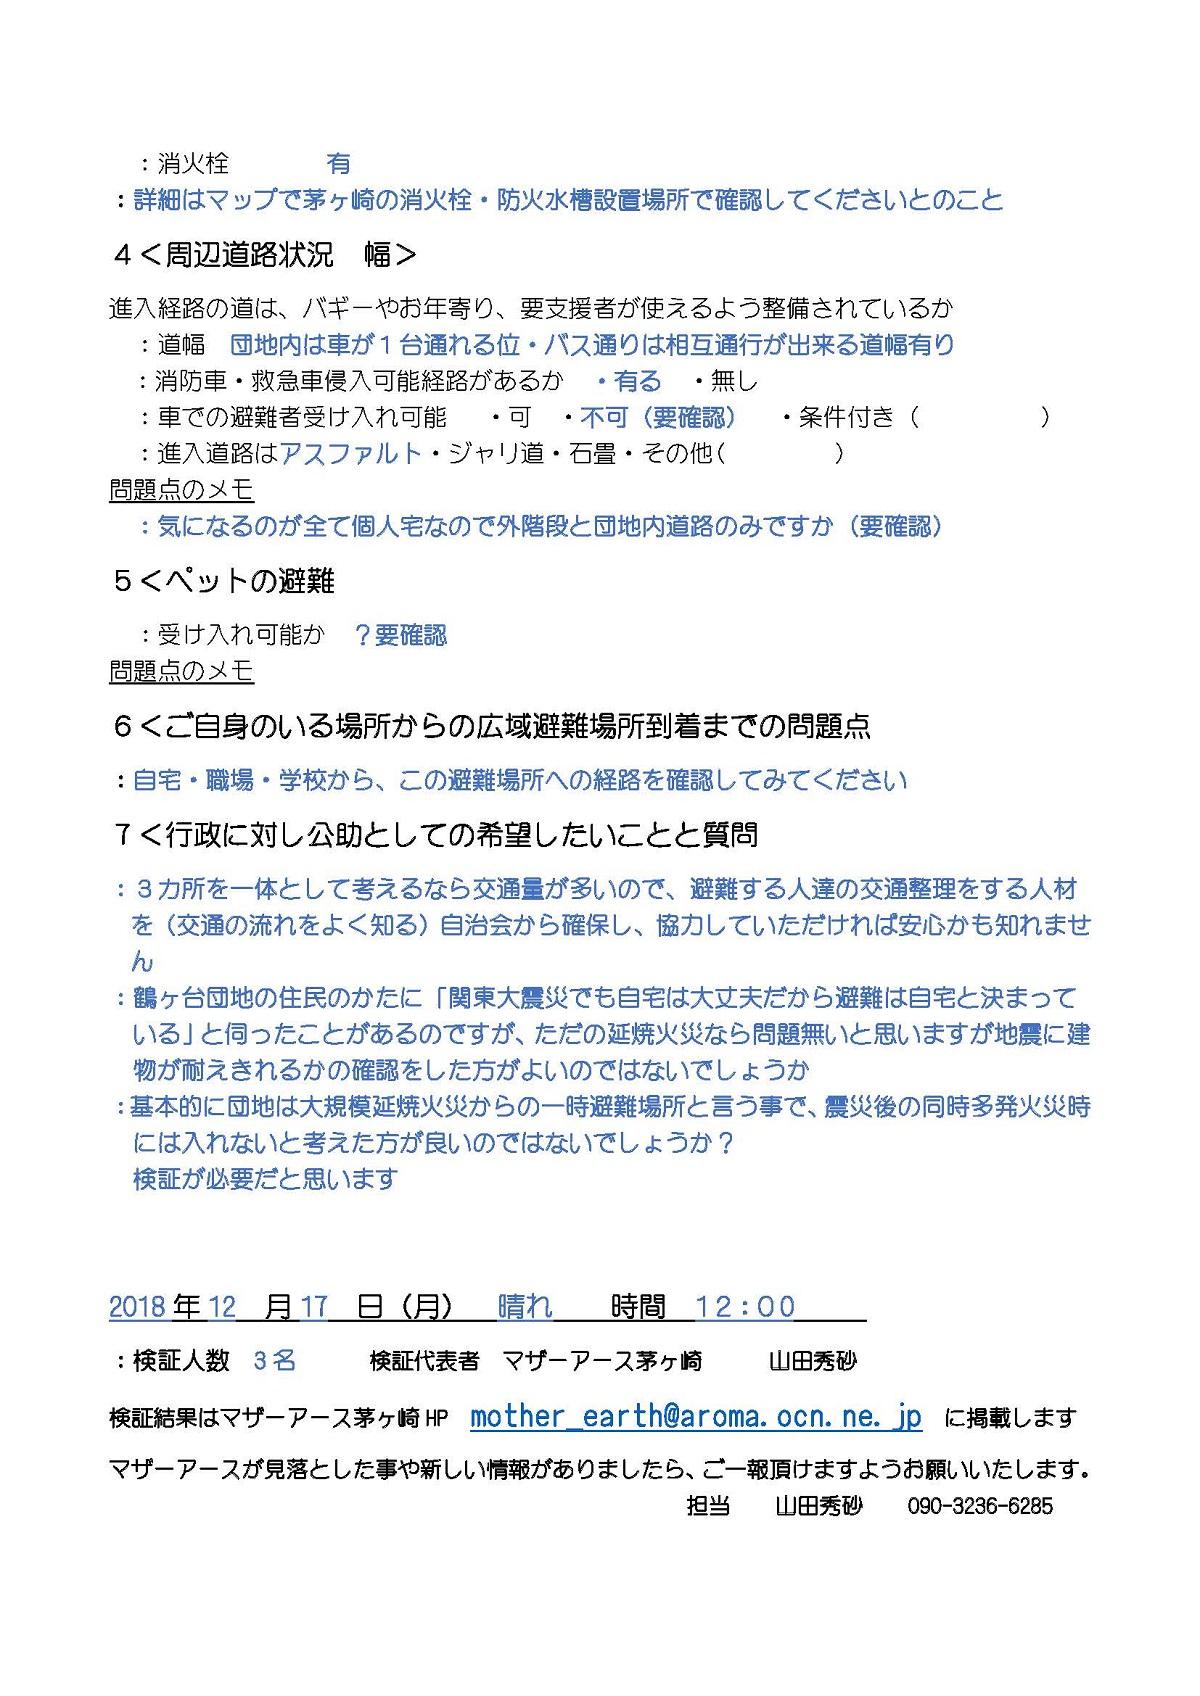 103・104新ー鶴が台団地ーマザーアース広域避難場所チェックシート_ページ_2